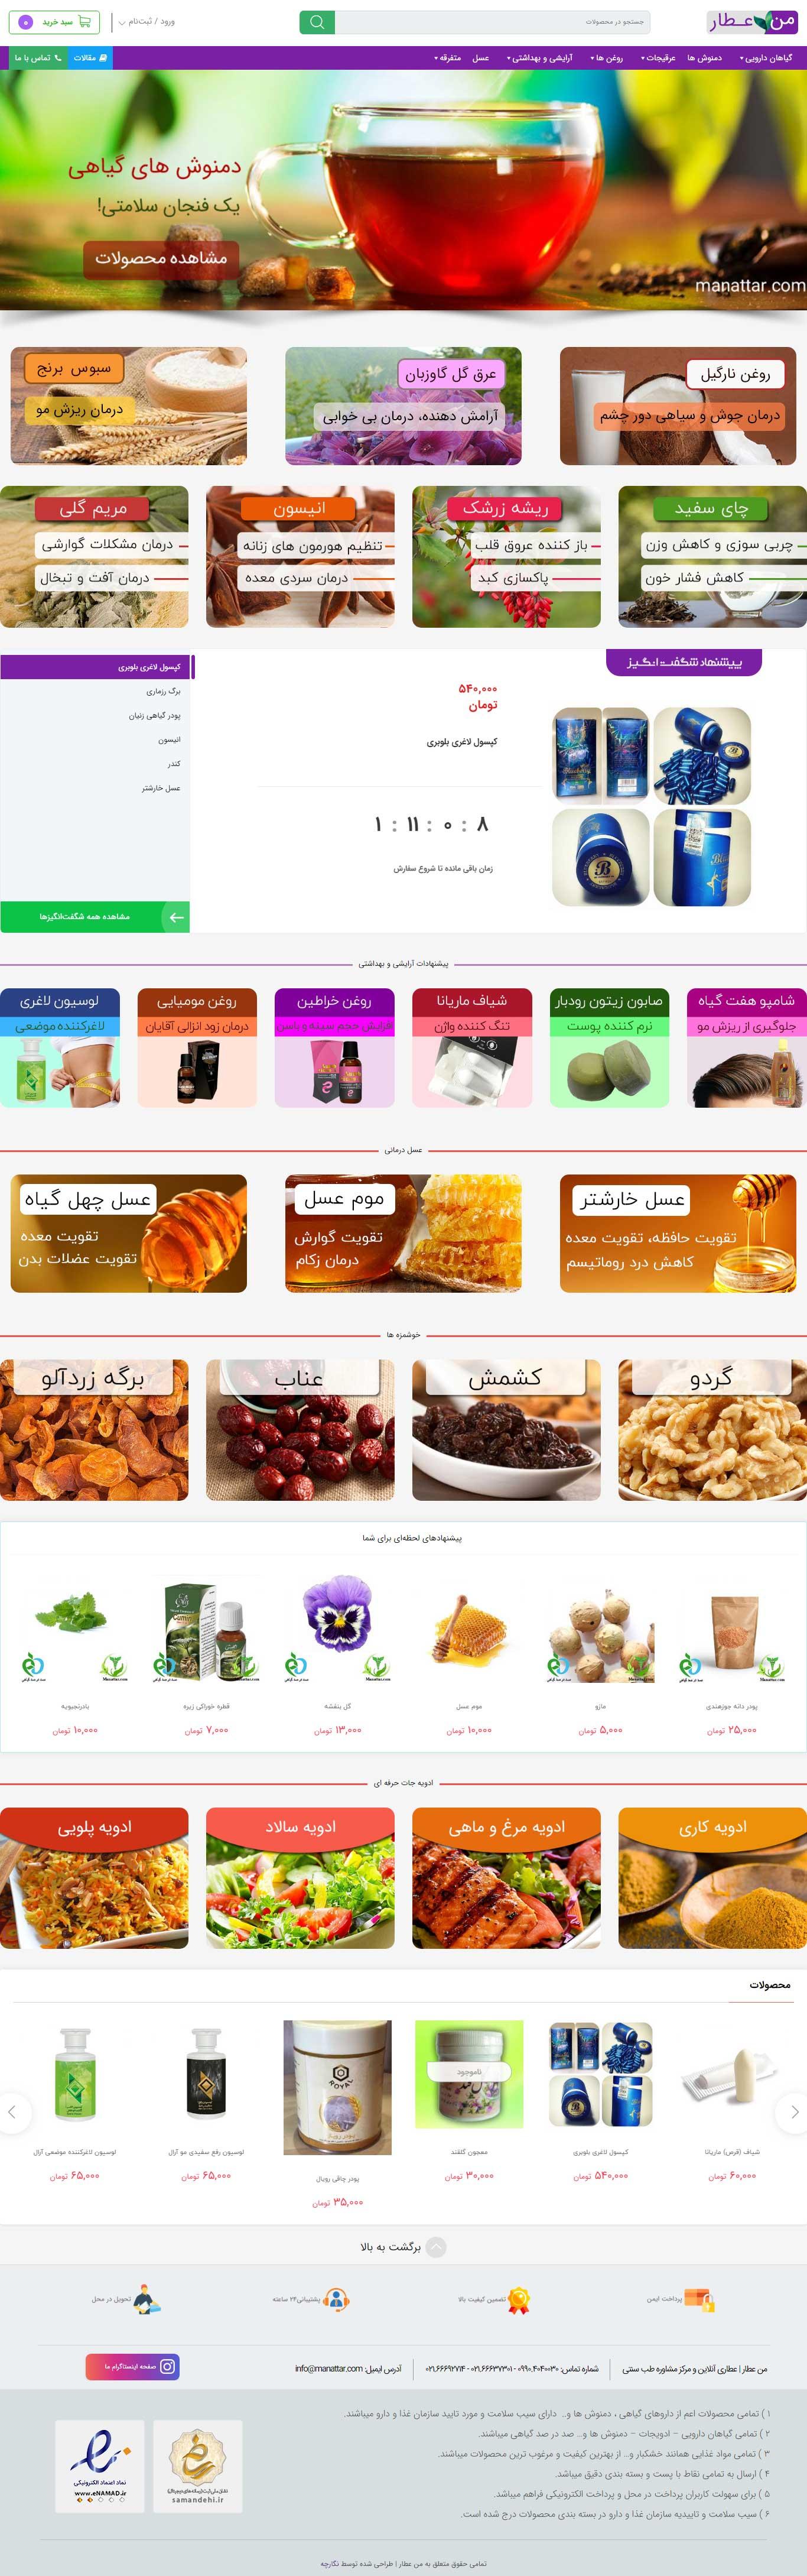 نمونه کار طراحی سایت فروشگاهی عطاری